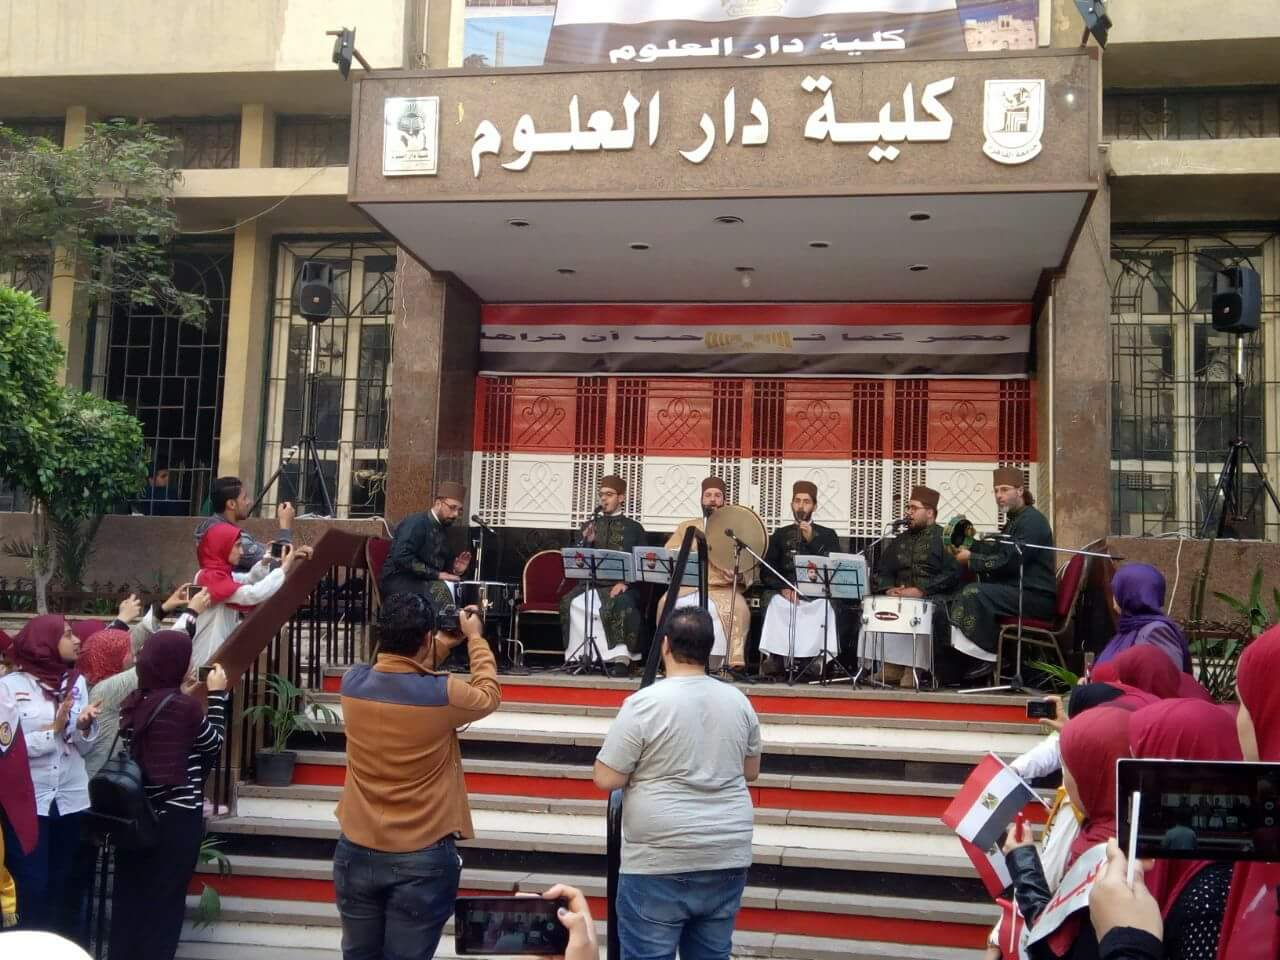 مصر كما تحب أن تراها في دار علوم القاهرة والمراة المصرية في صناعة مستقبل مصر